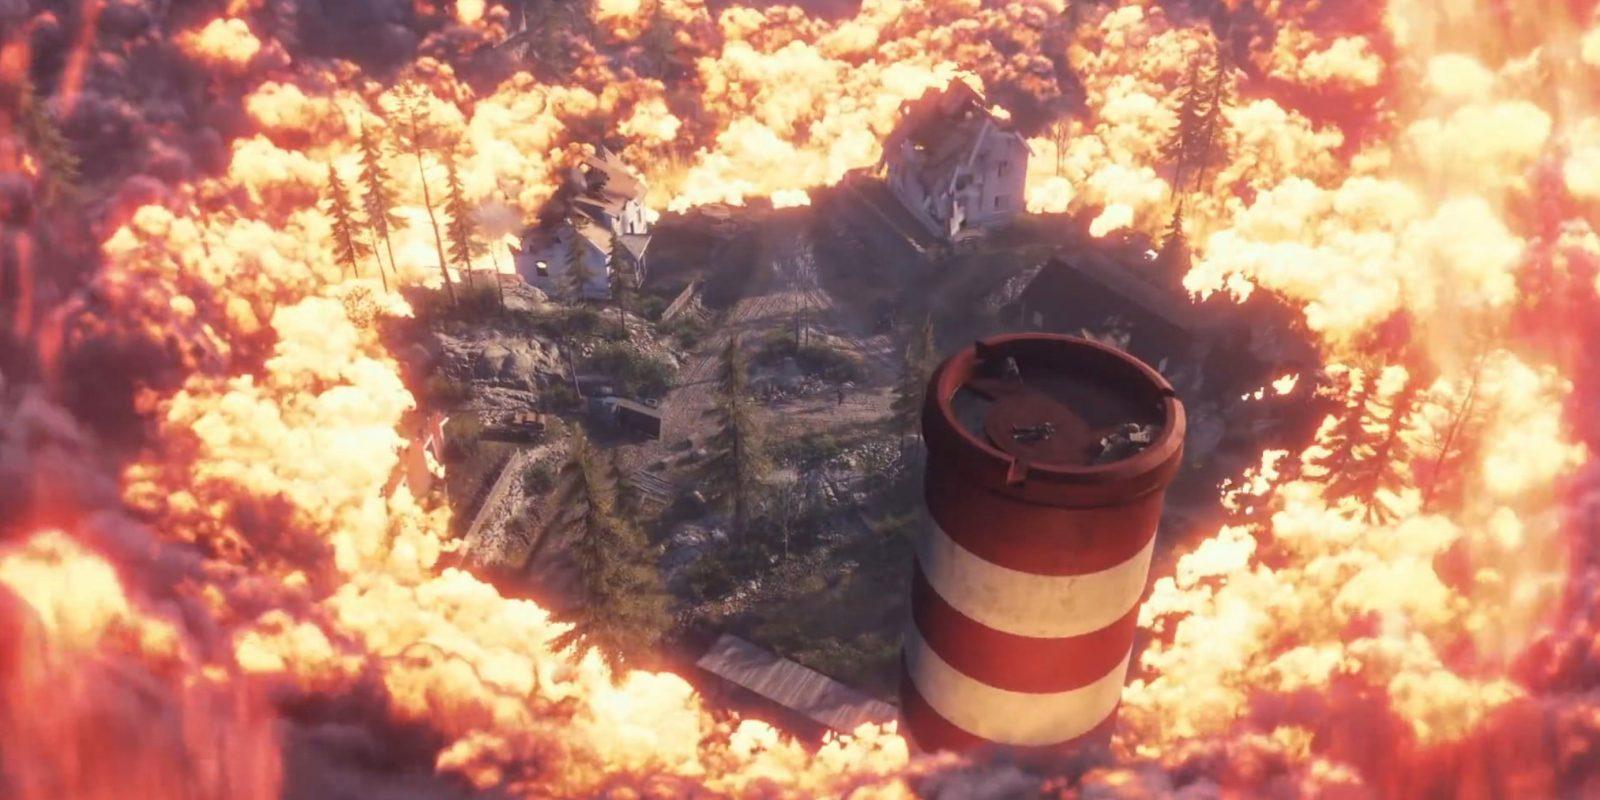 La tormenta de fuego (Firestorm) de Battlefield V.